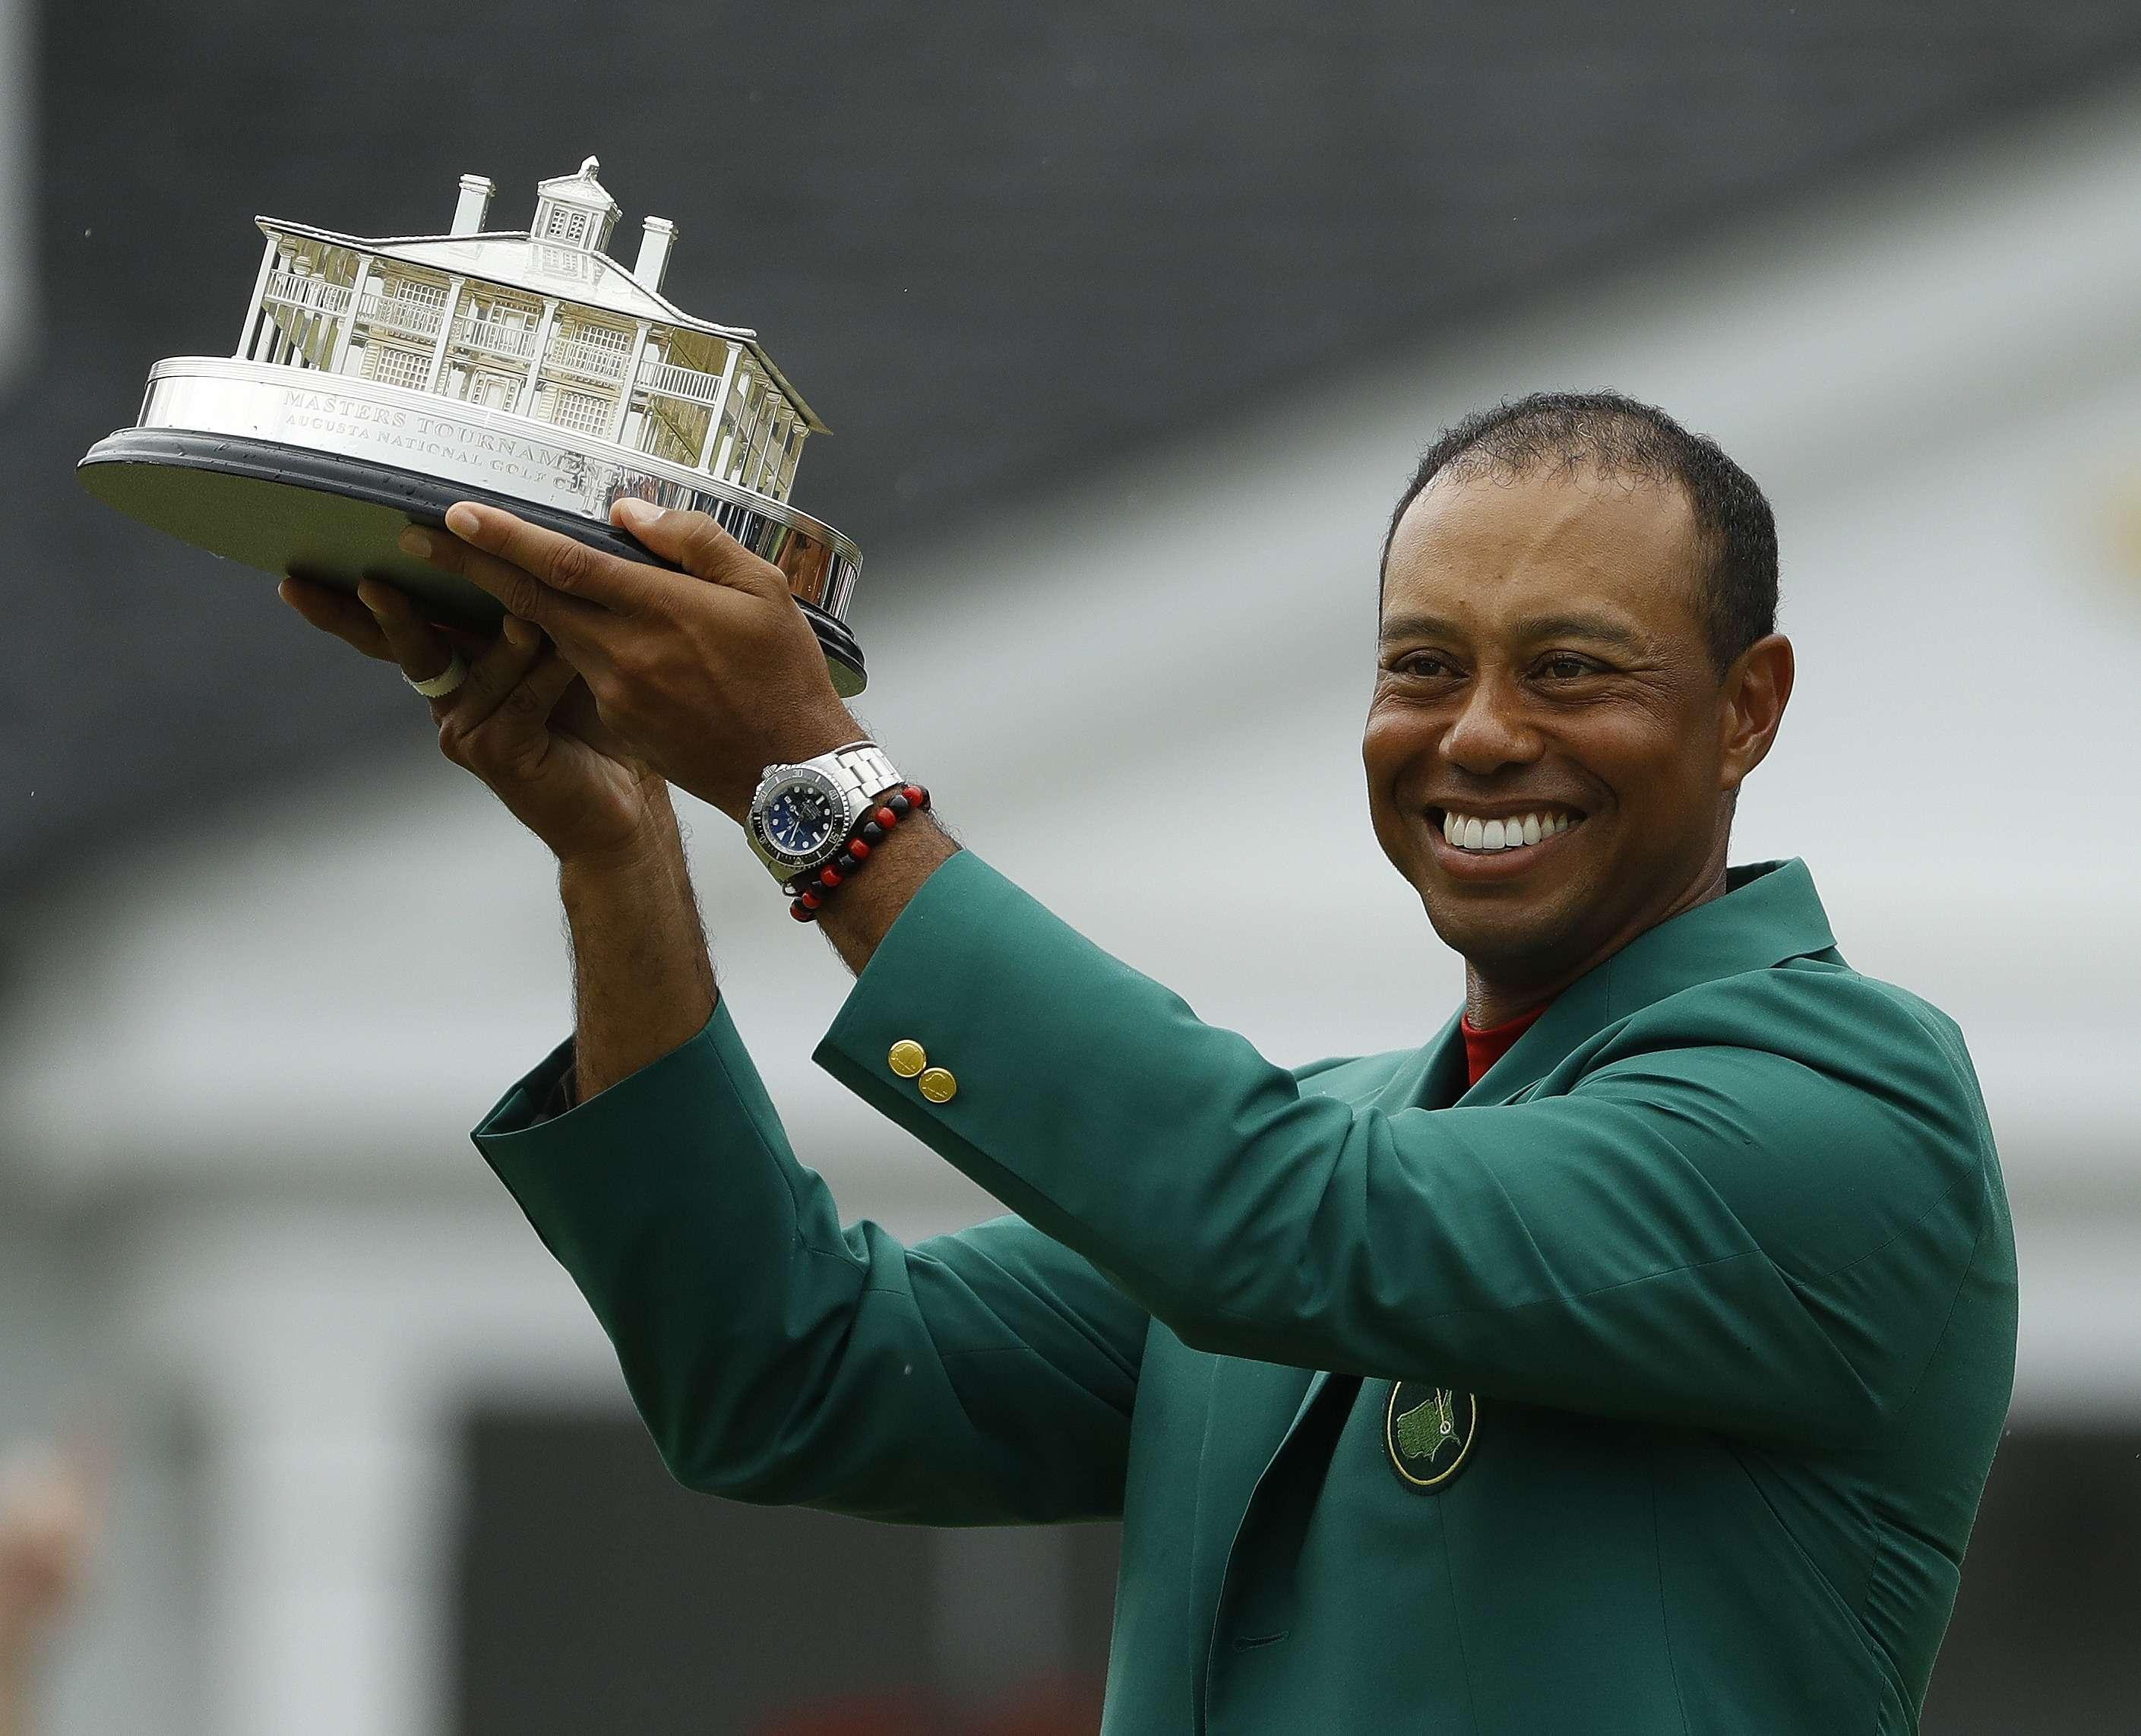 La industria del golf espera un alza tras victoria de Woods